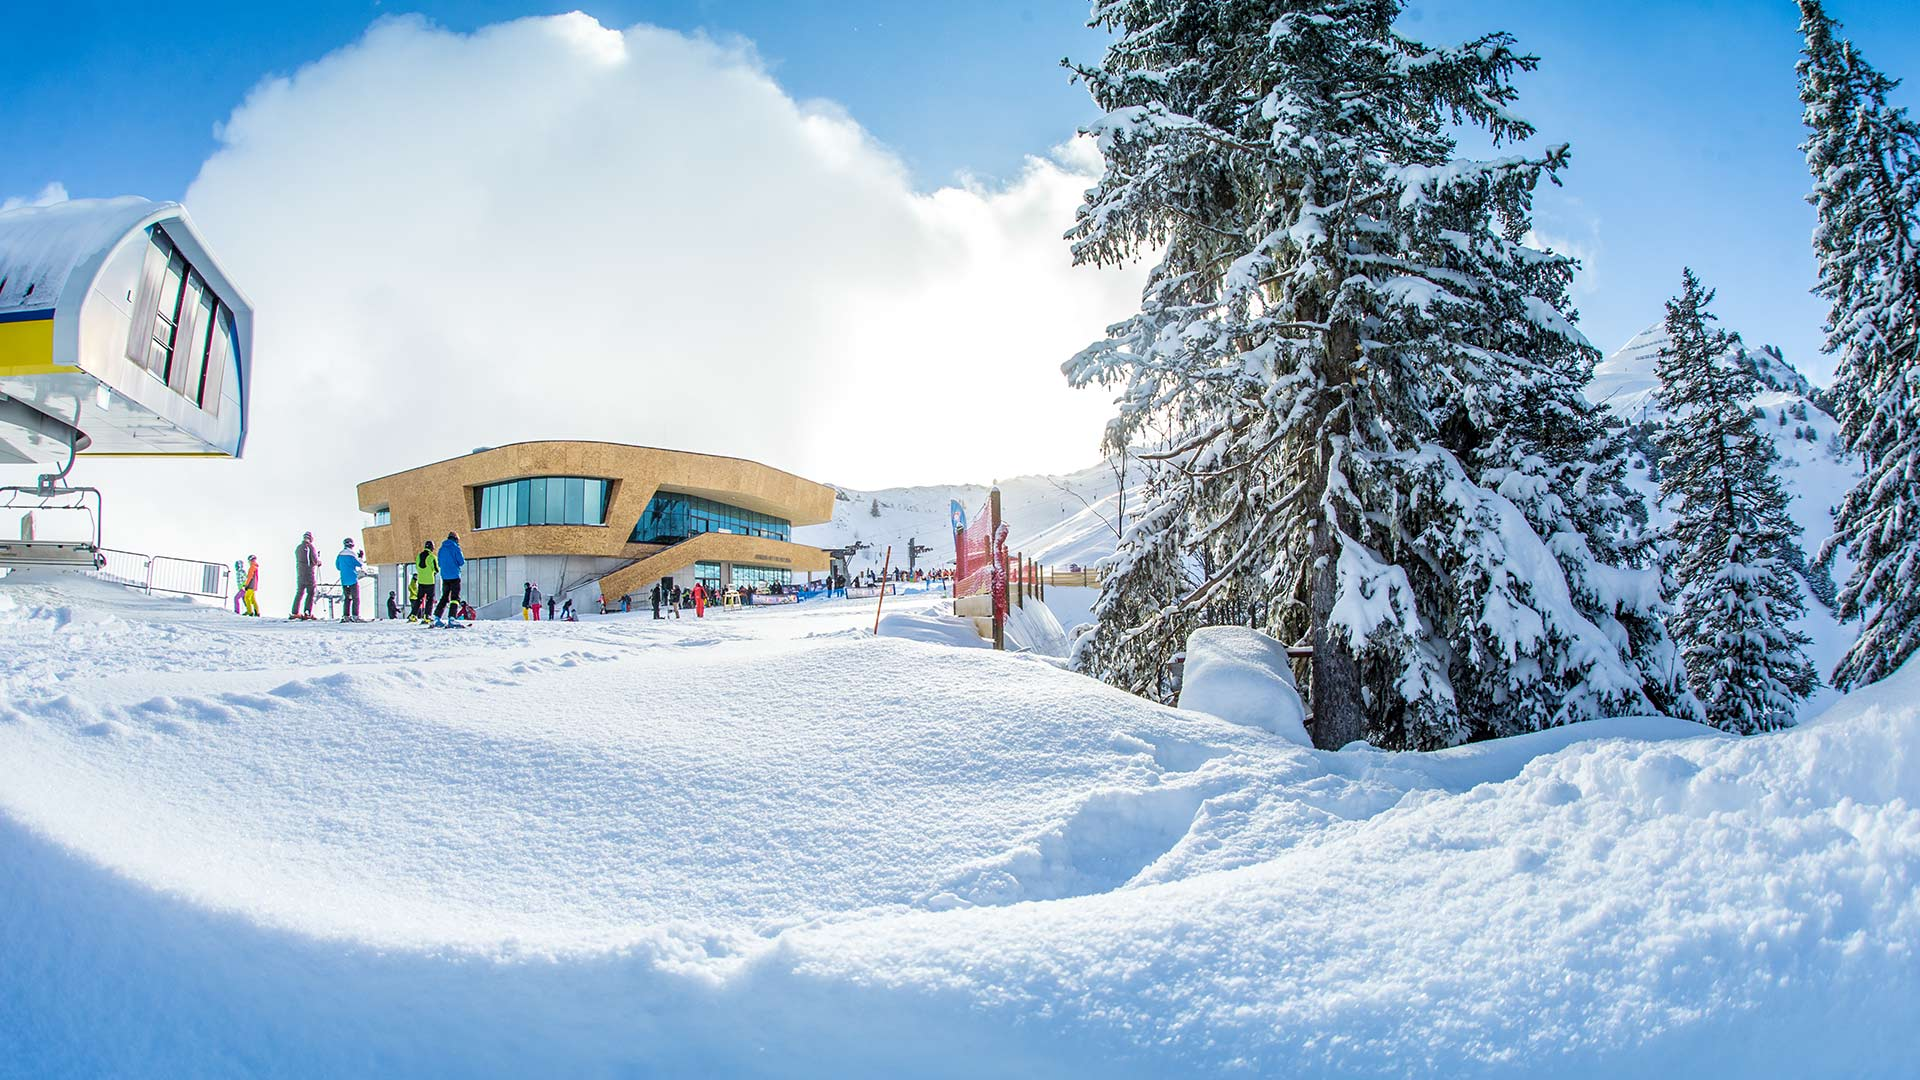 brixnerhof im zillertal, winter im zillertal, familienurlaub, winterurlaub